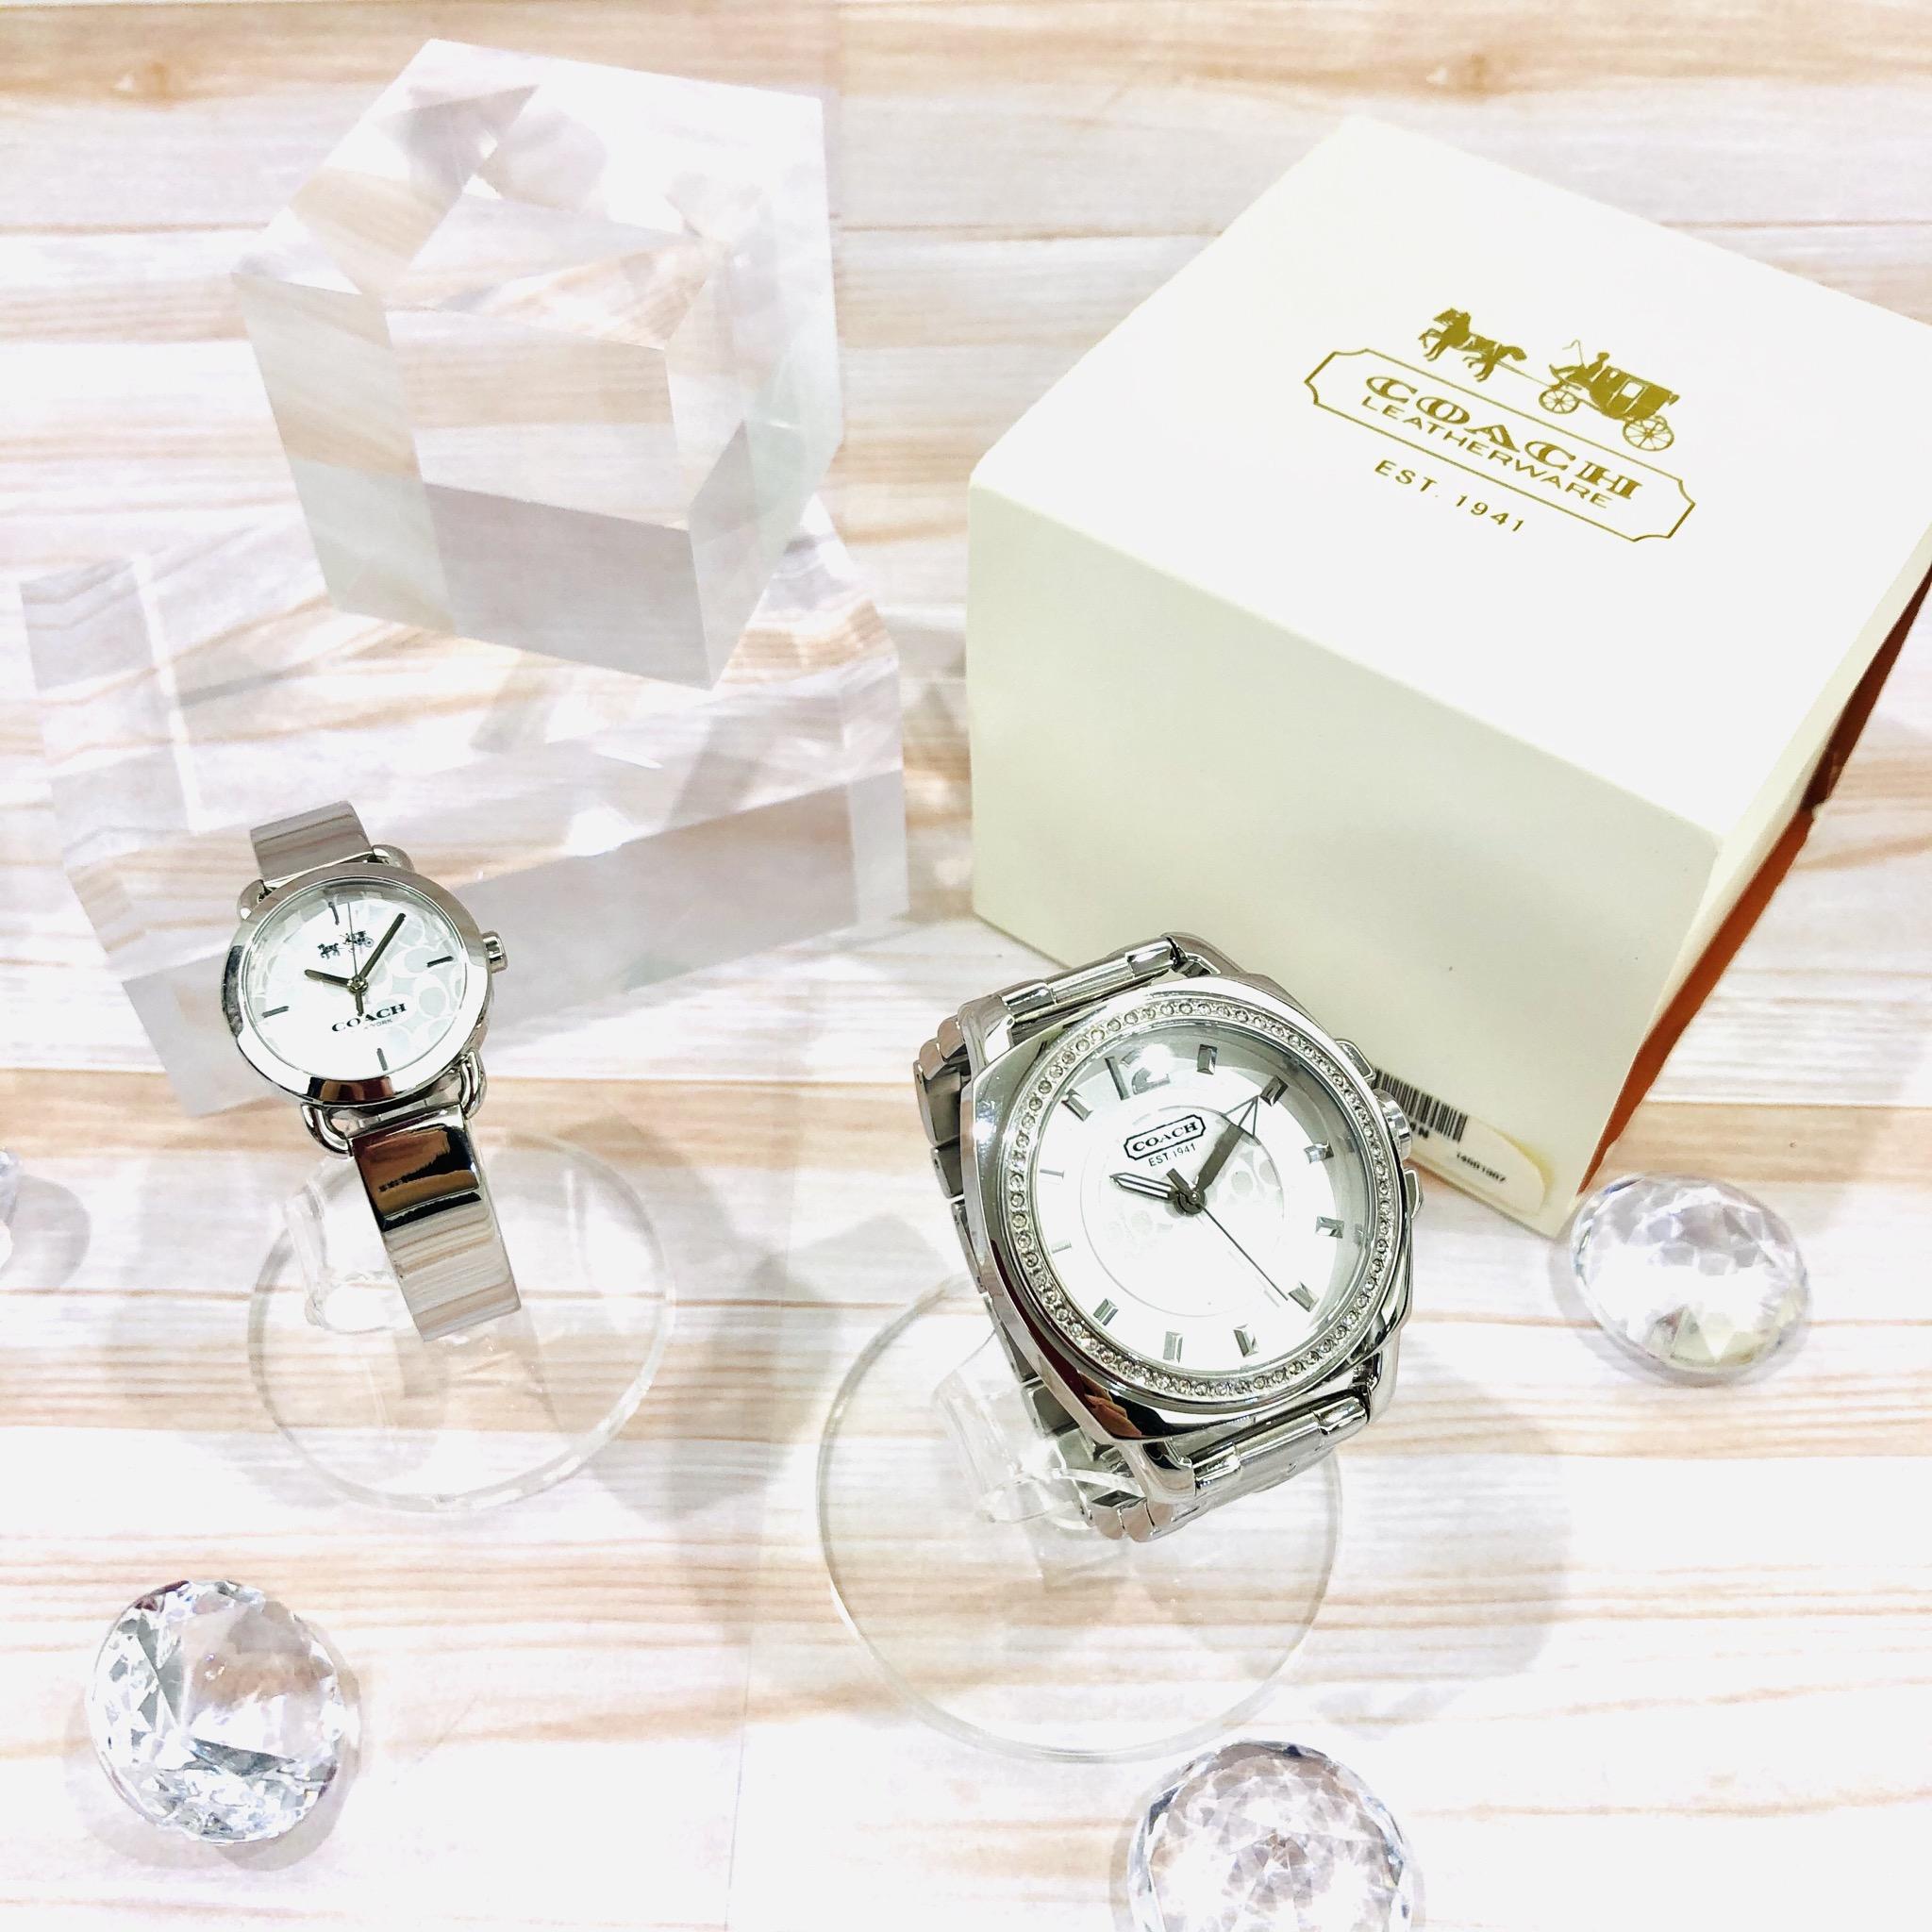 【盛岡 時計 販売】文字盤のシグネチャーが涼やかにきらめく✨コーチ腕時計